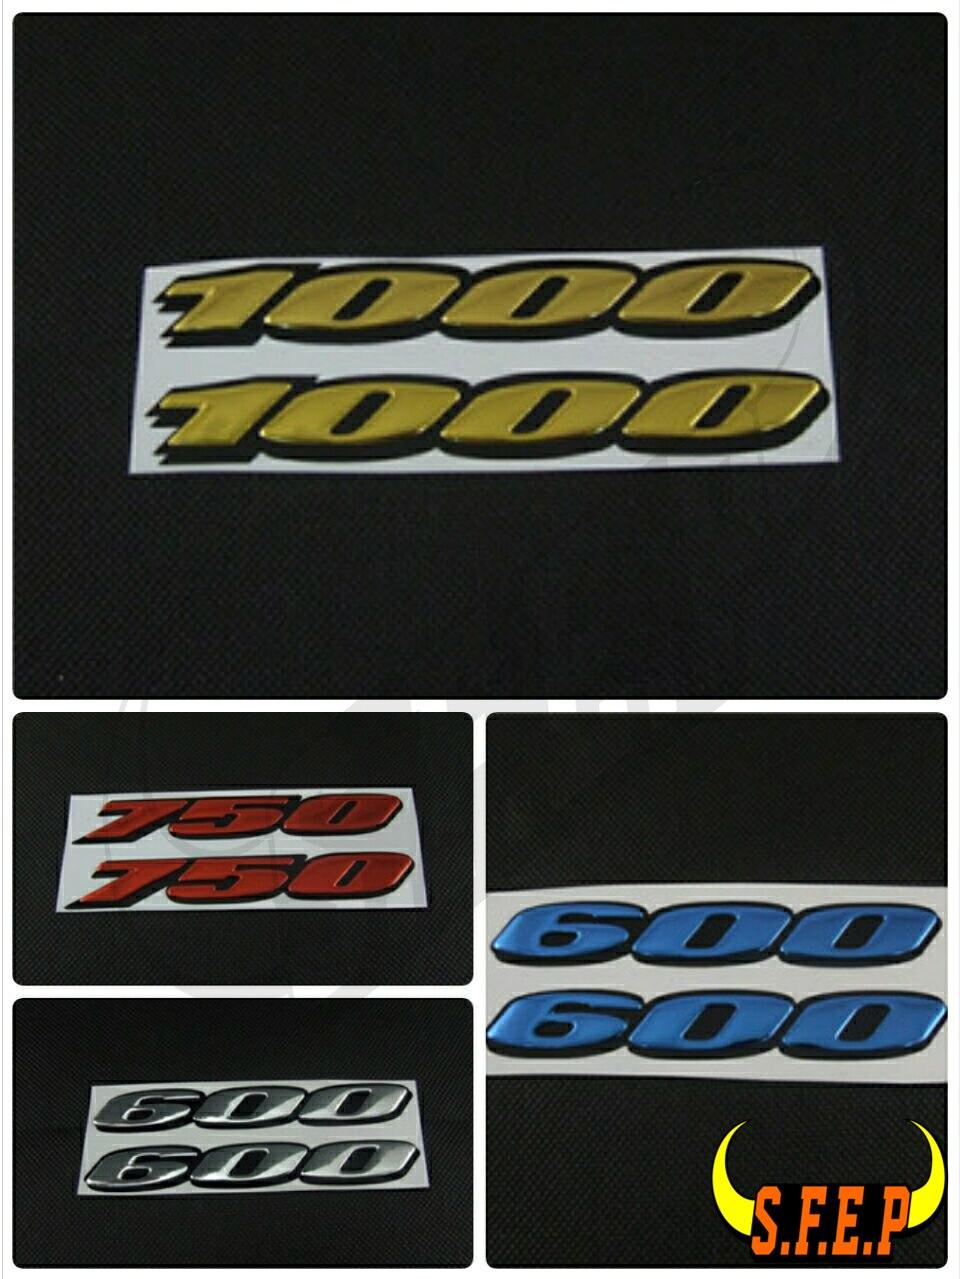 Motorcycle Stickers 3D Digital Case For Suzuki GSXR600 GSXR750 GSXR1000 600 750 1000 Logo Badge